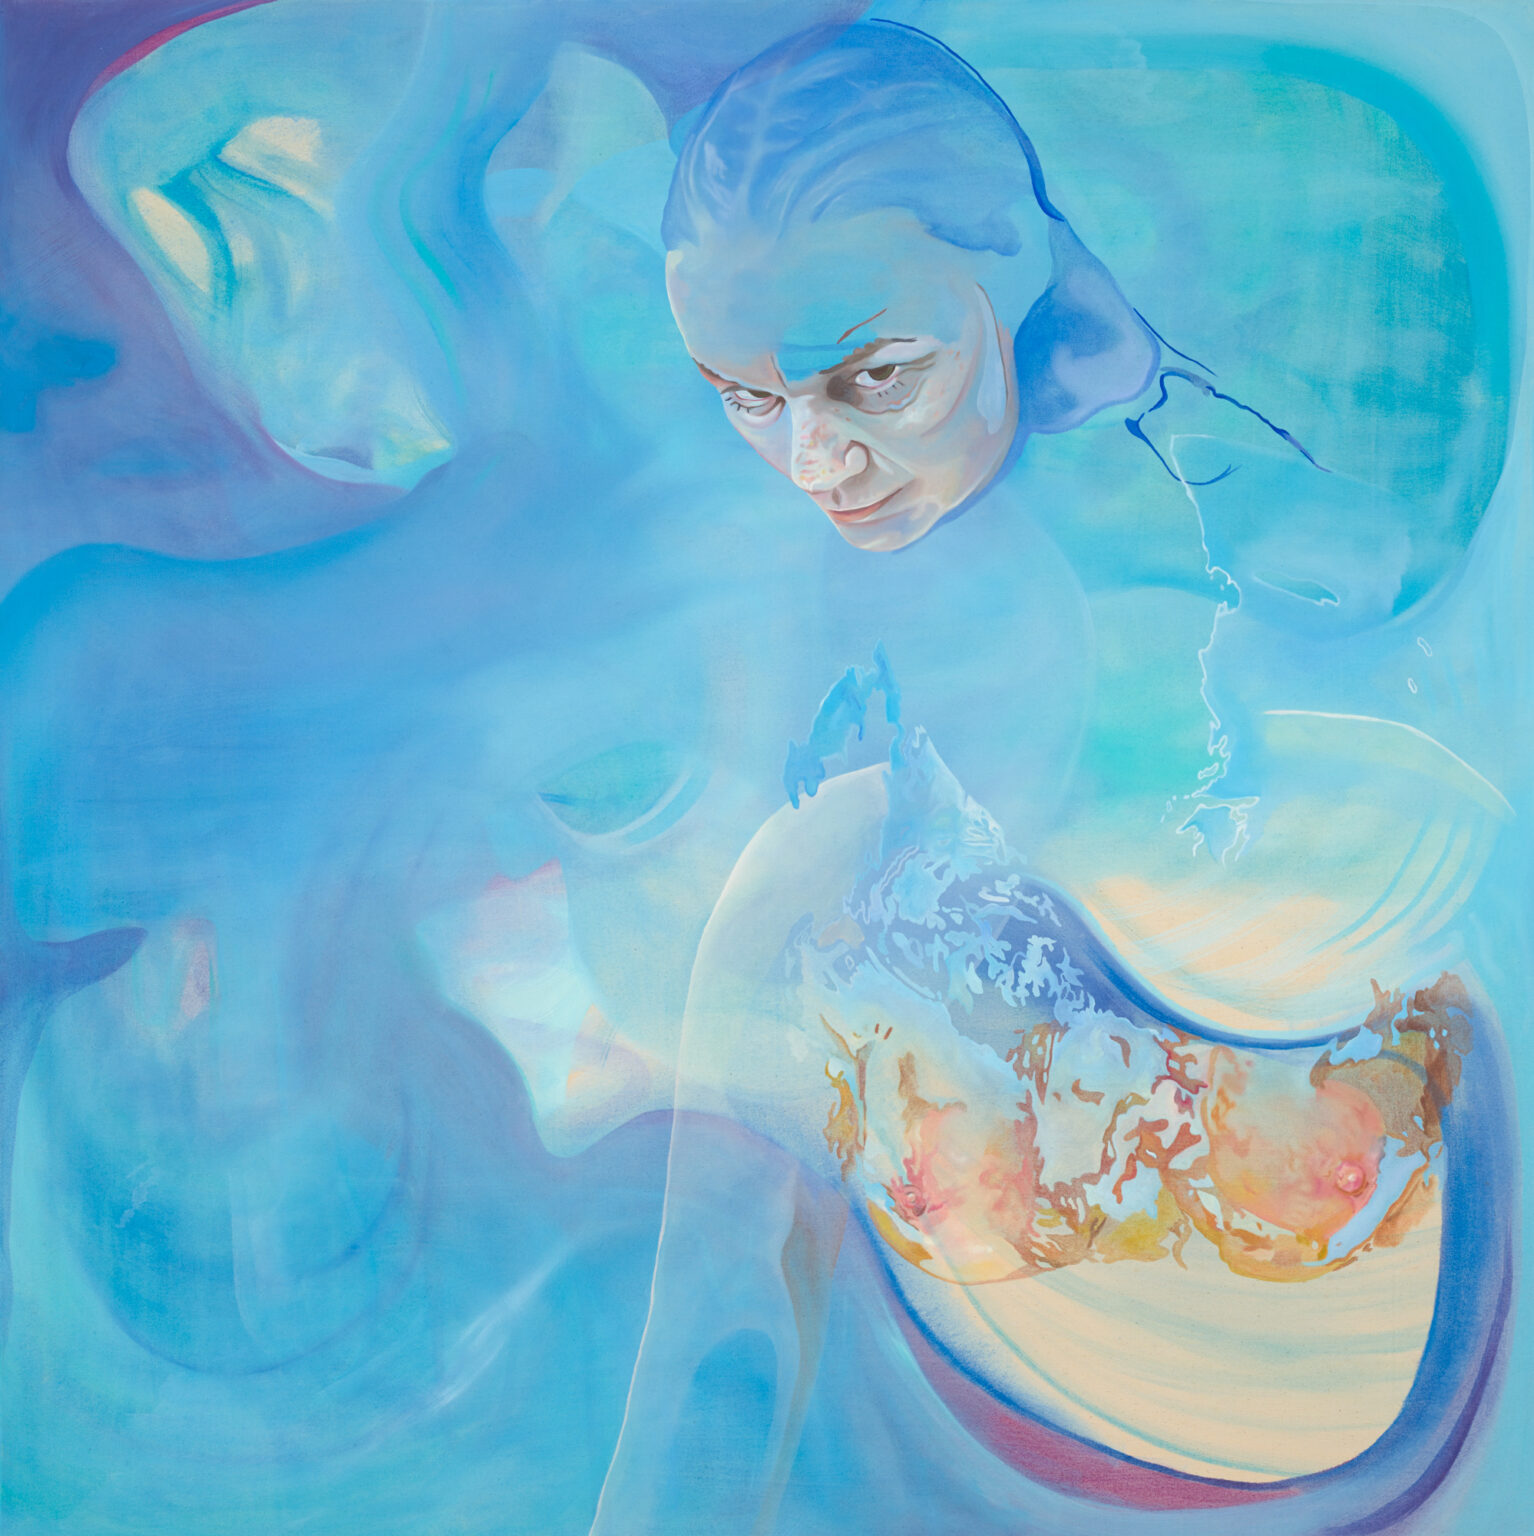 Meermutter I, Öl auf Leinwand, 1,20×1,20m, 2020